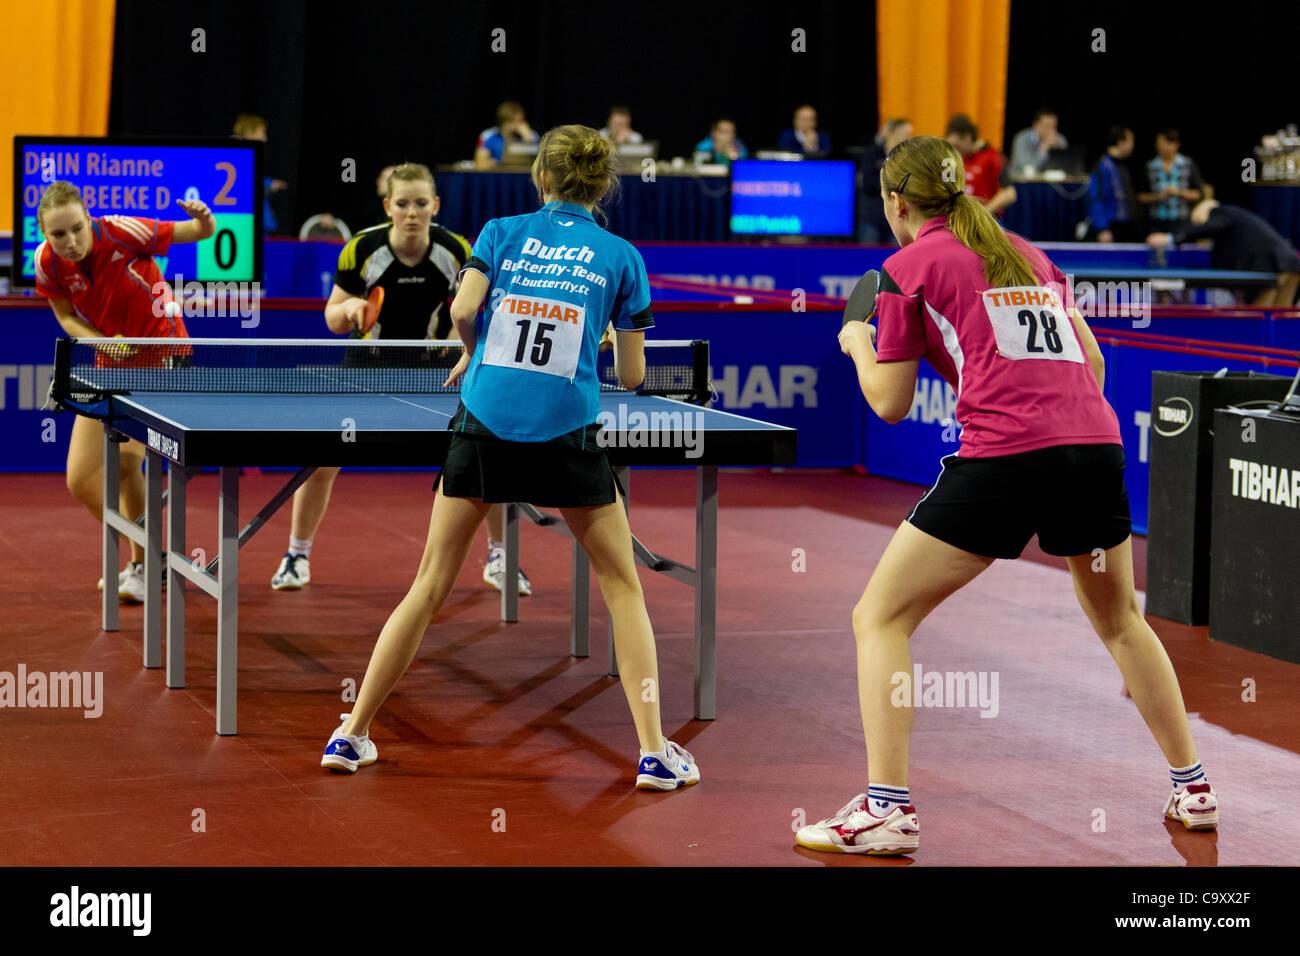 EINDHOVEN, Holanda, el 03/03/2012. Resumen de un partido de dobles damas en los campeonatos de tenis de mesa Holandesa Imagen De Stock